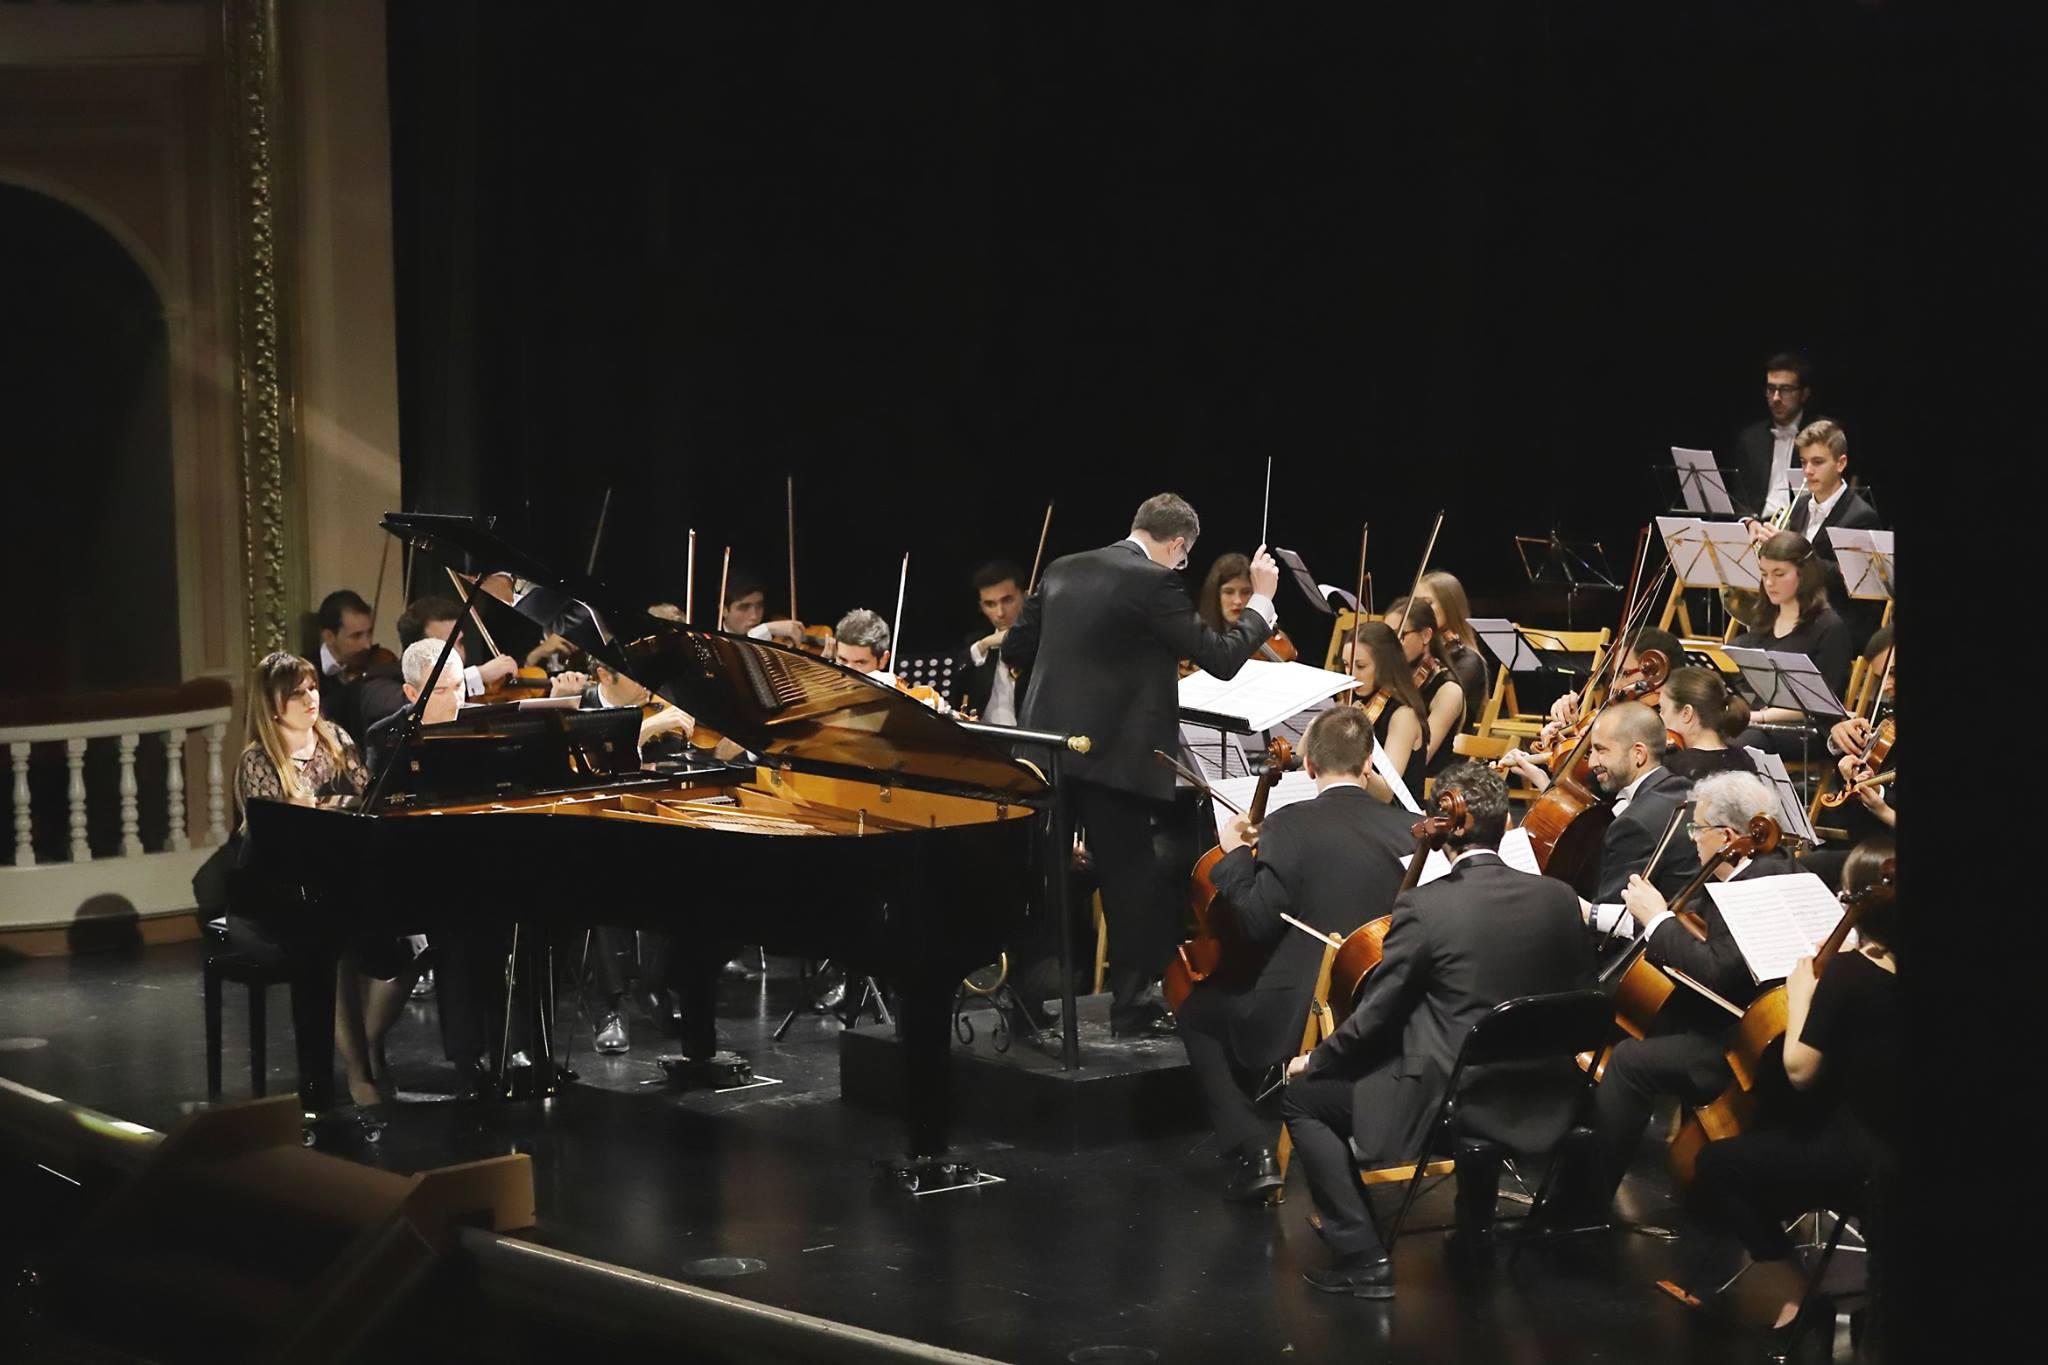 Playa Flamenca Classical Concert Postponed